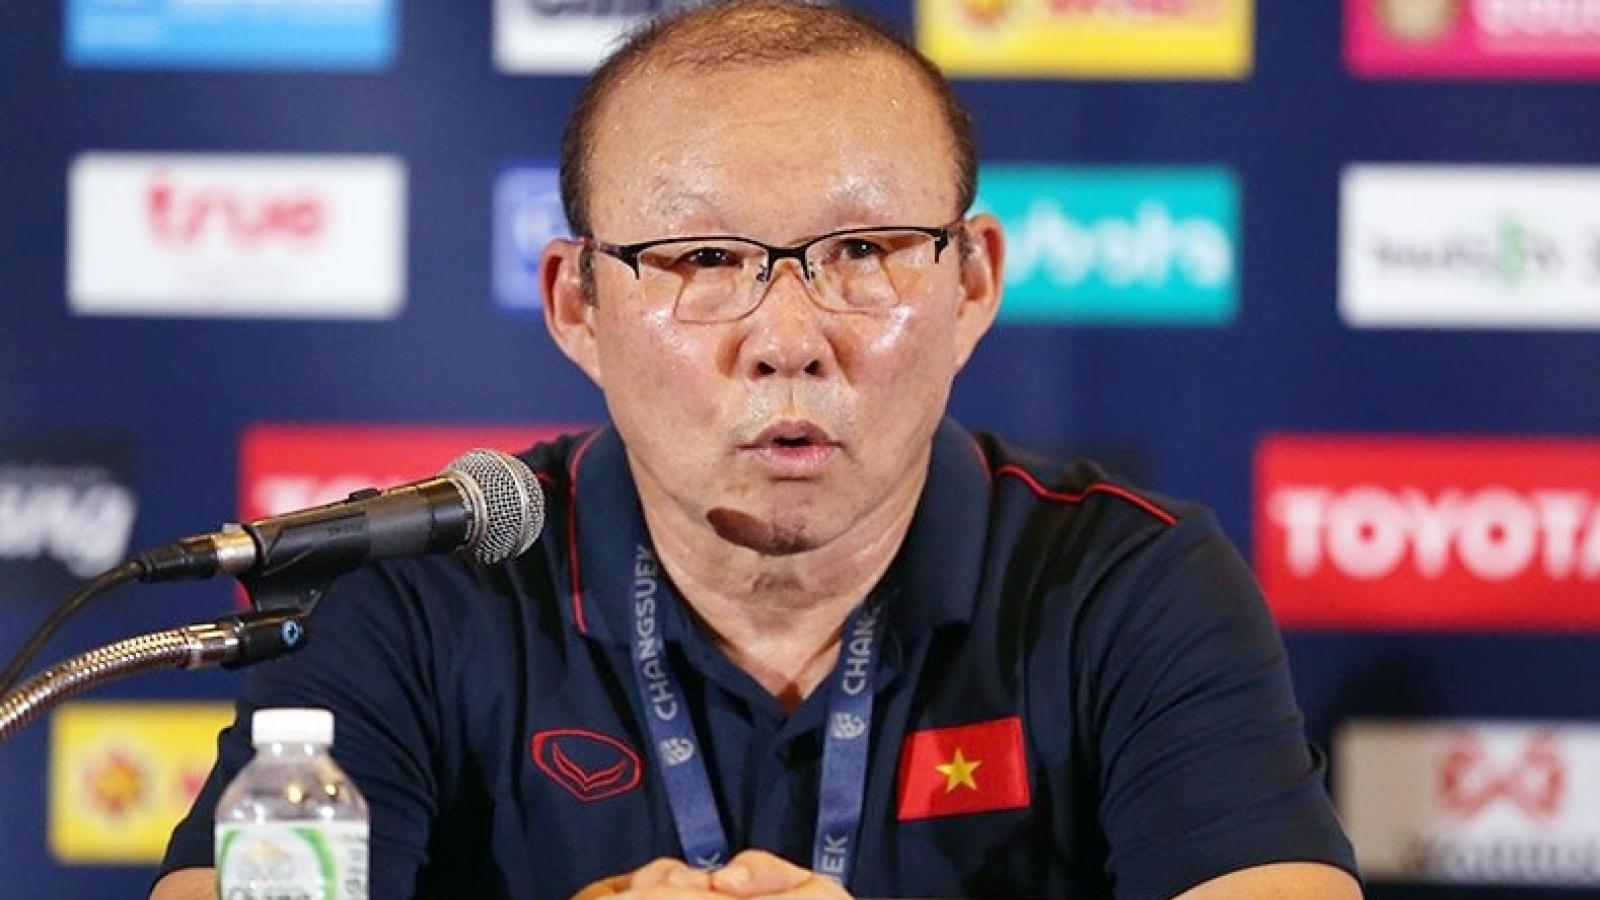 V-League 2020 tạm hoãn: Hà Nội FC mừng, nhưng thầy Park thì không